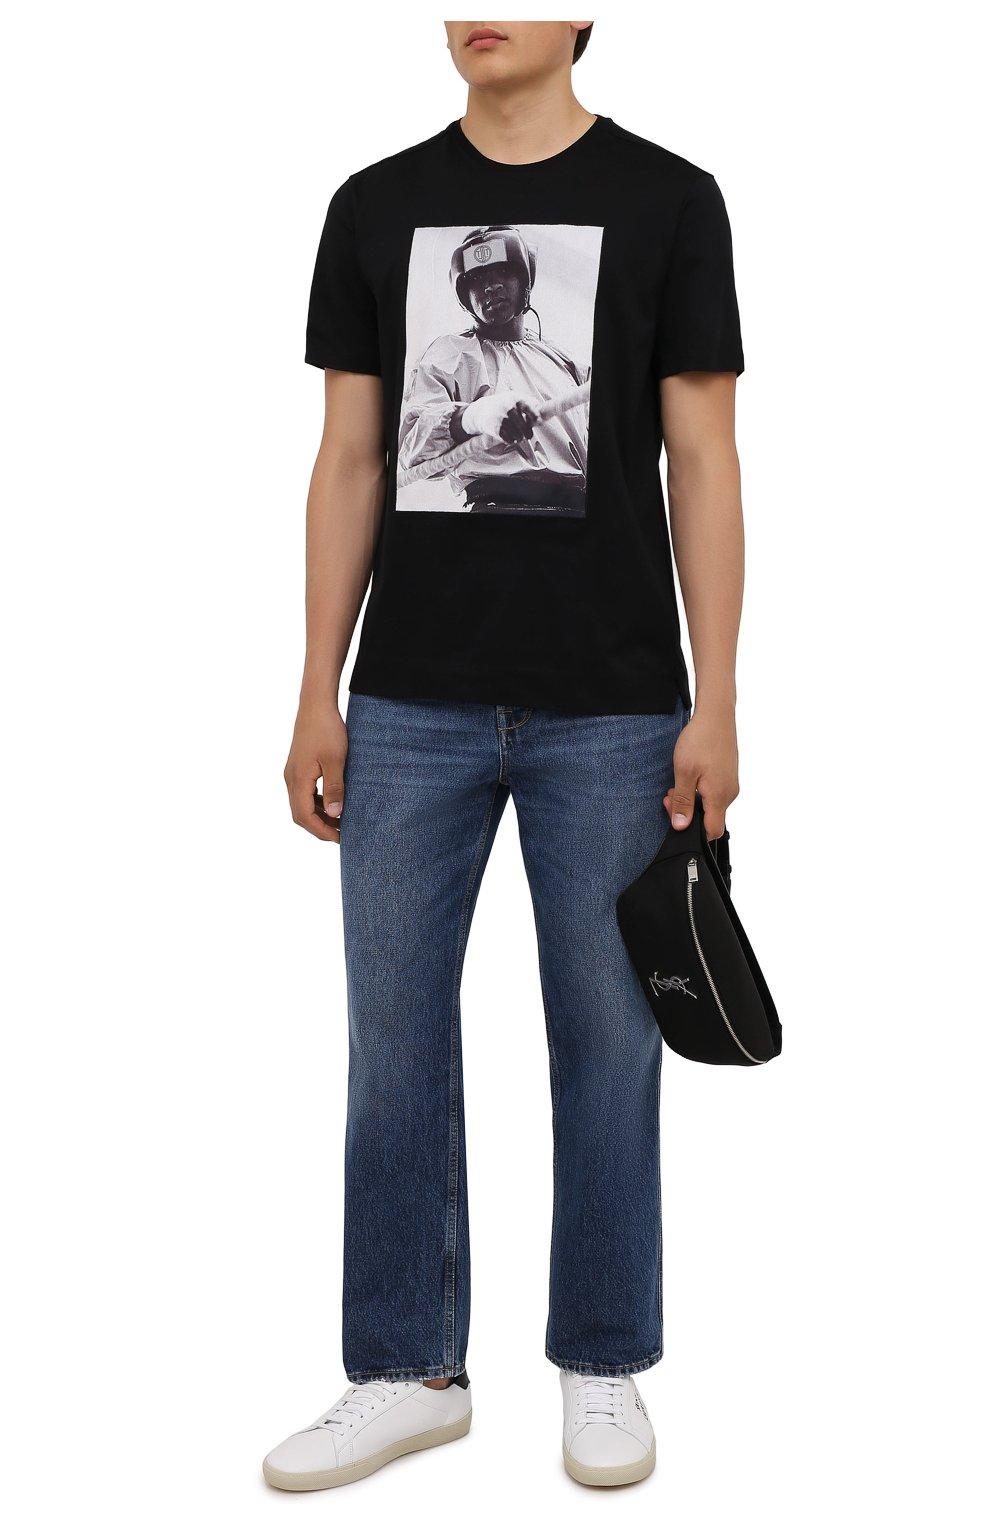 Мужская хлопковая футболка LIMITATO черного цвета, арт. EVER LAST/T-SHIRT | Фото 2 (Рукава: Короткие; Длина (для топов): Стандартные; Стили: Гранж; Принт: С принтом; Материал внешний: Хлопок)